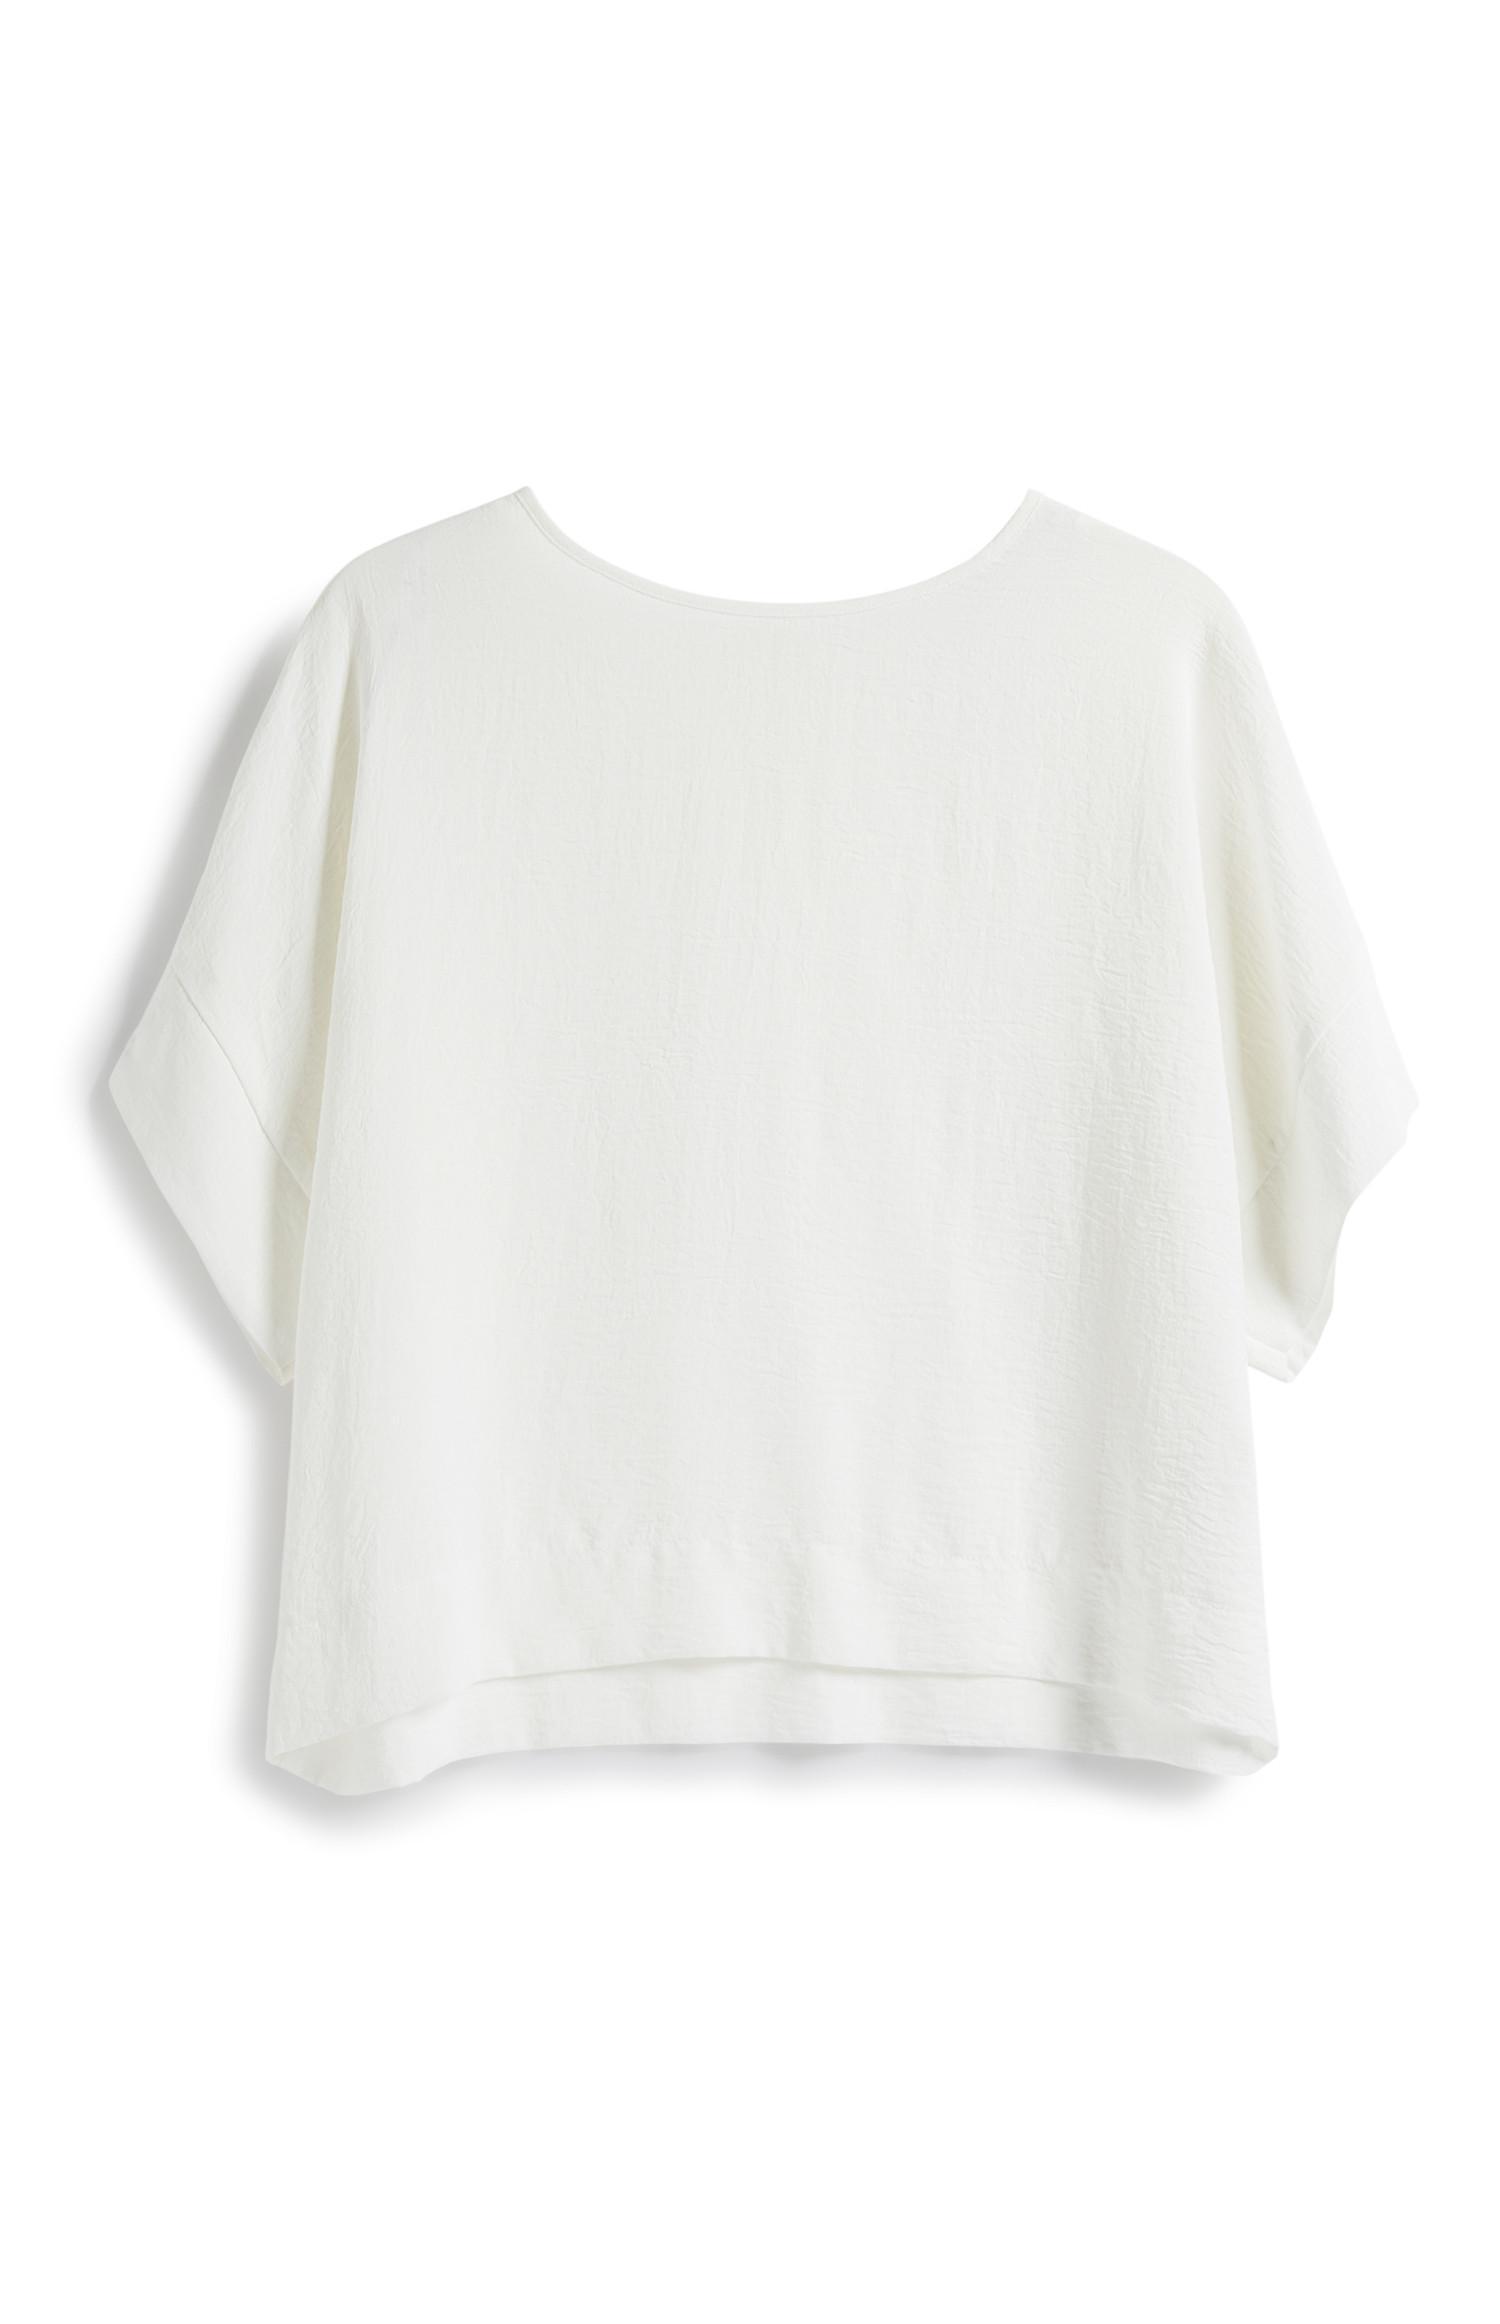 Kurzes T-Shirt in Weiß